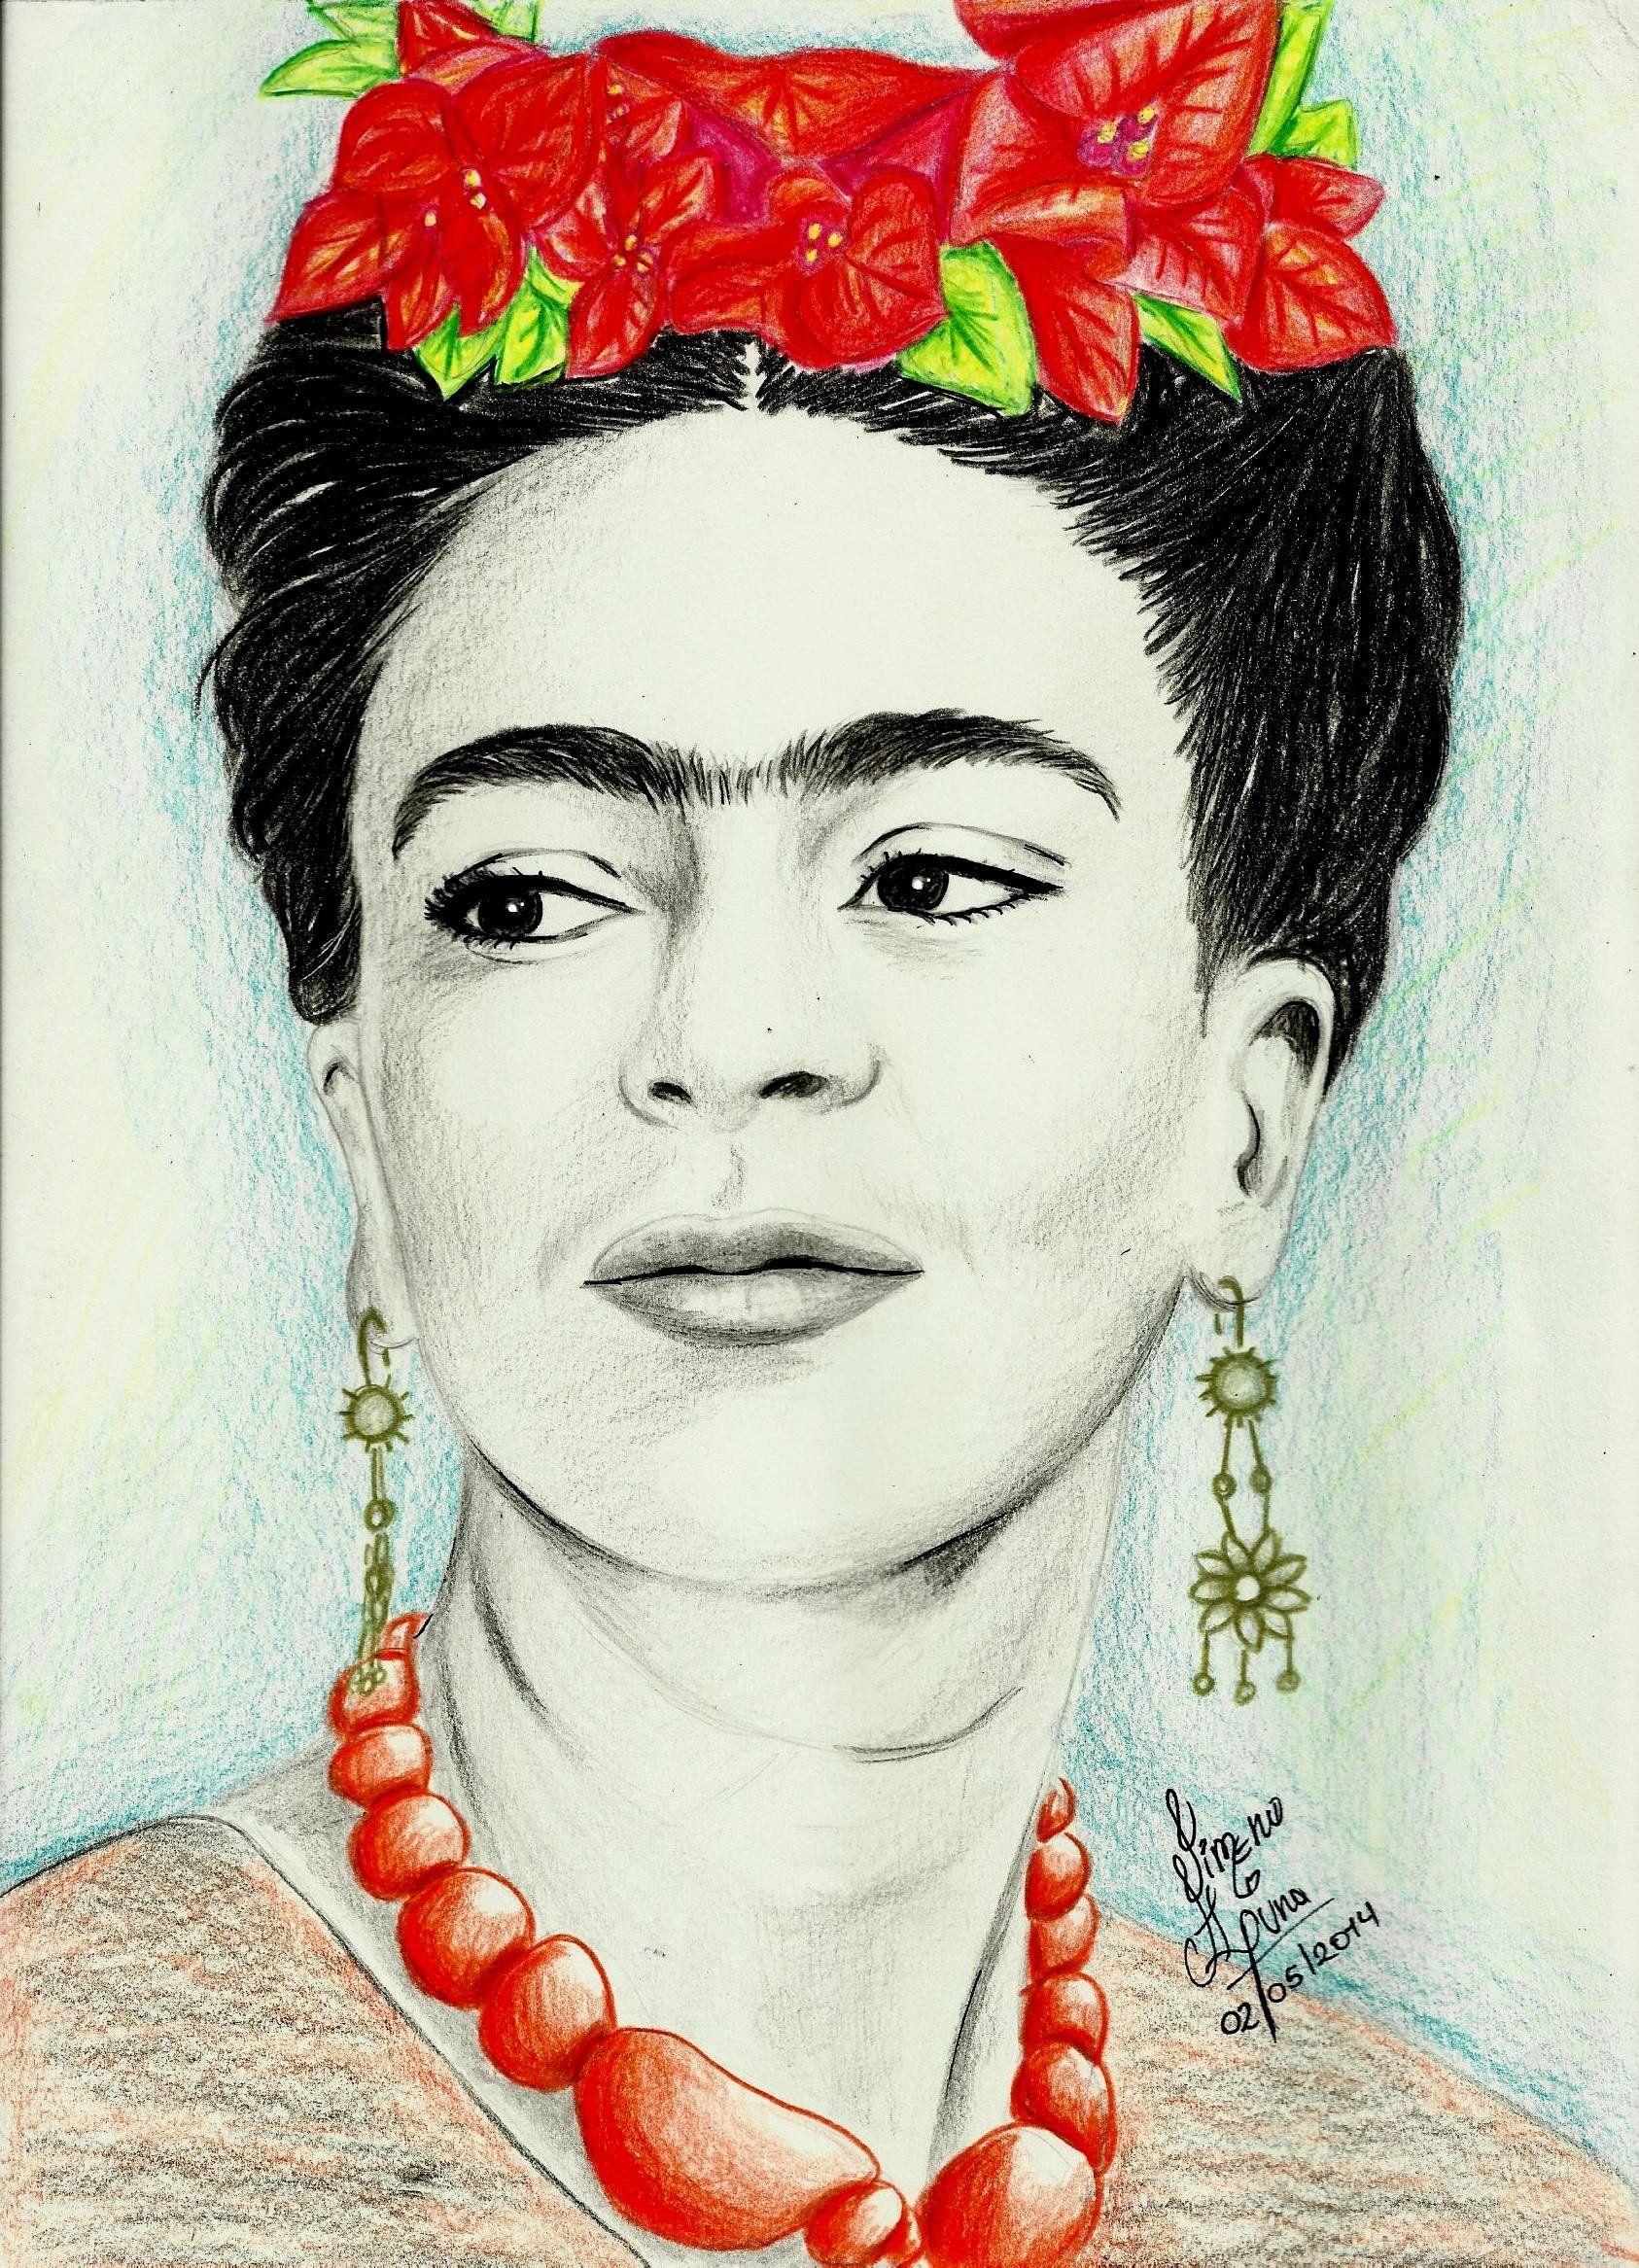 972 Jpg 1686 2333 Frida Kahlo Dibujo Arte Frida Kahlo Frida Kahlo Fotos